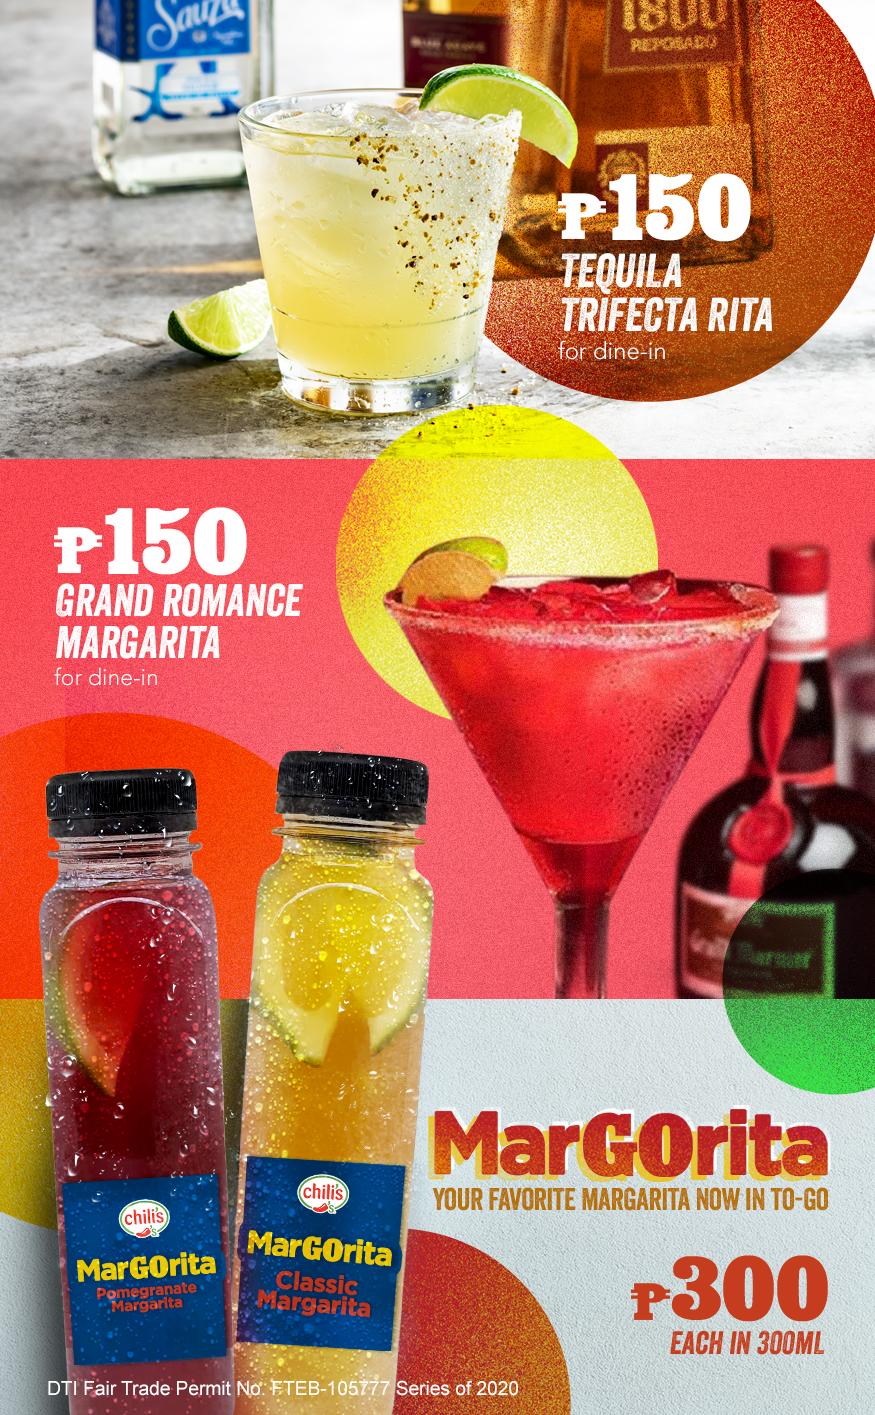 Chili's Margarita Madness 2020 E-flyer with DTI